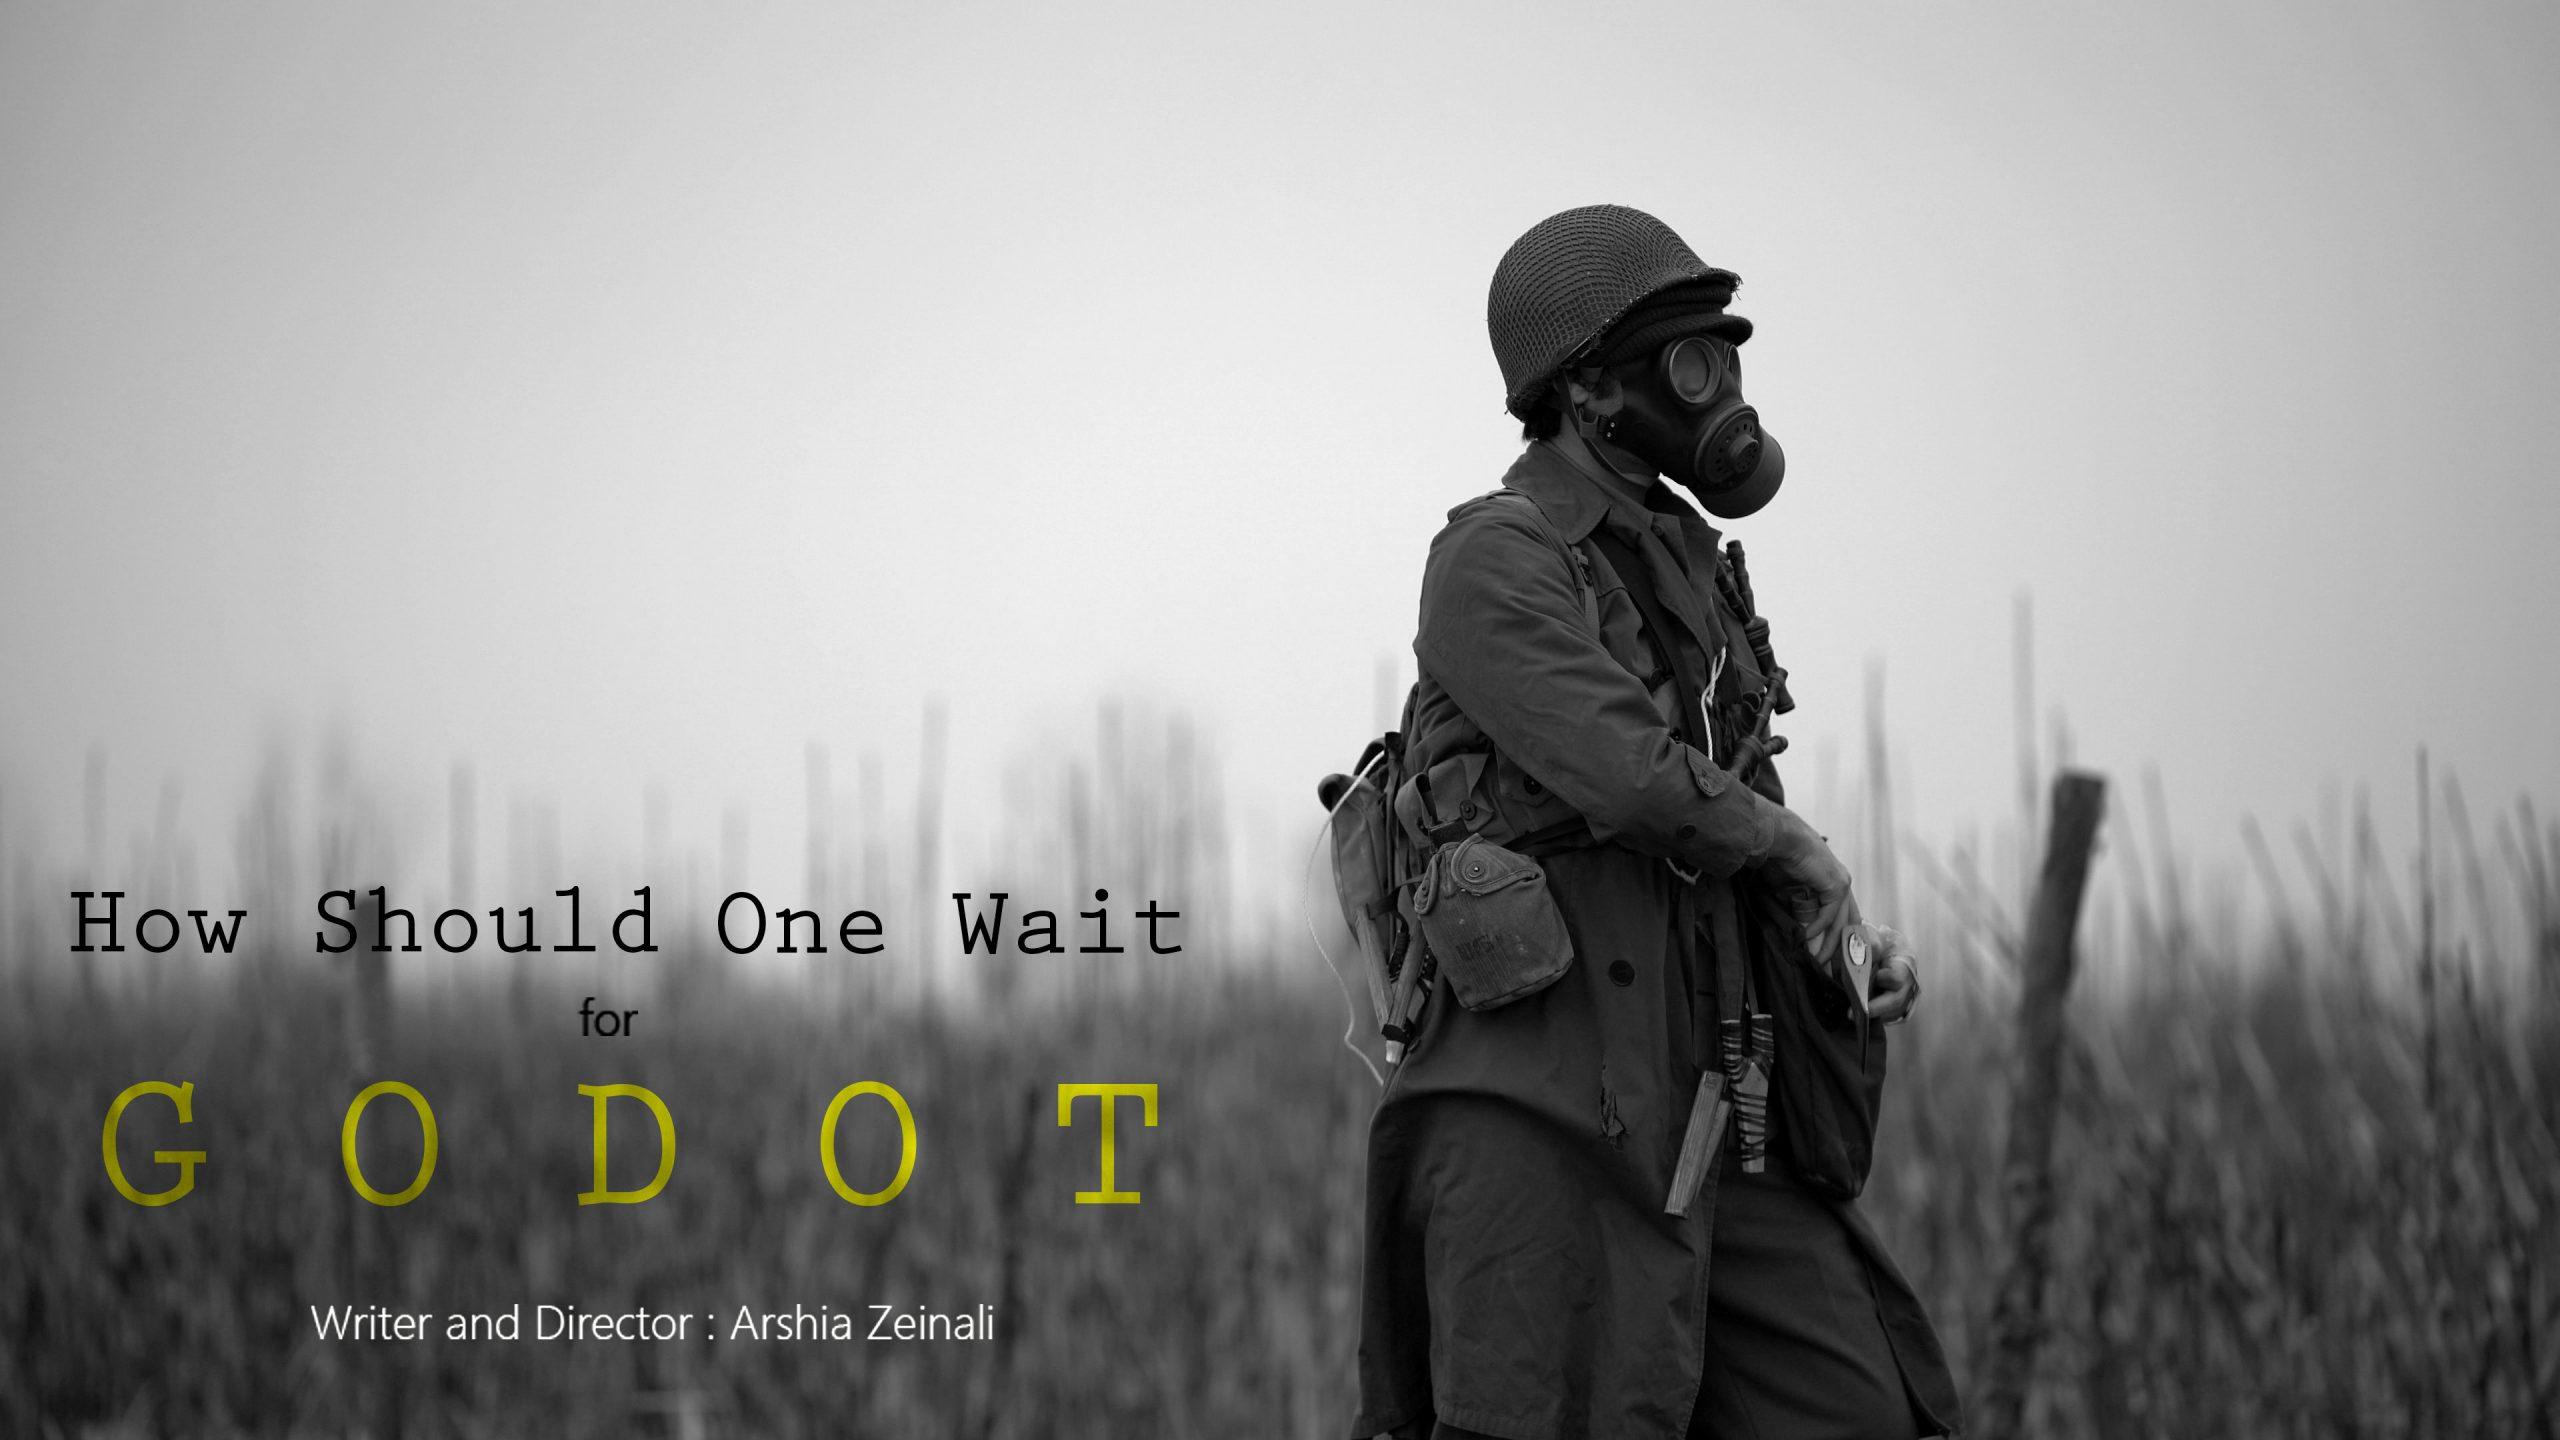 در رشت تولید شد؛ چگونه منتظر گودو باشیم + رونمایی از پوستر